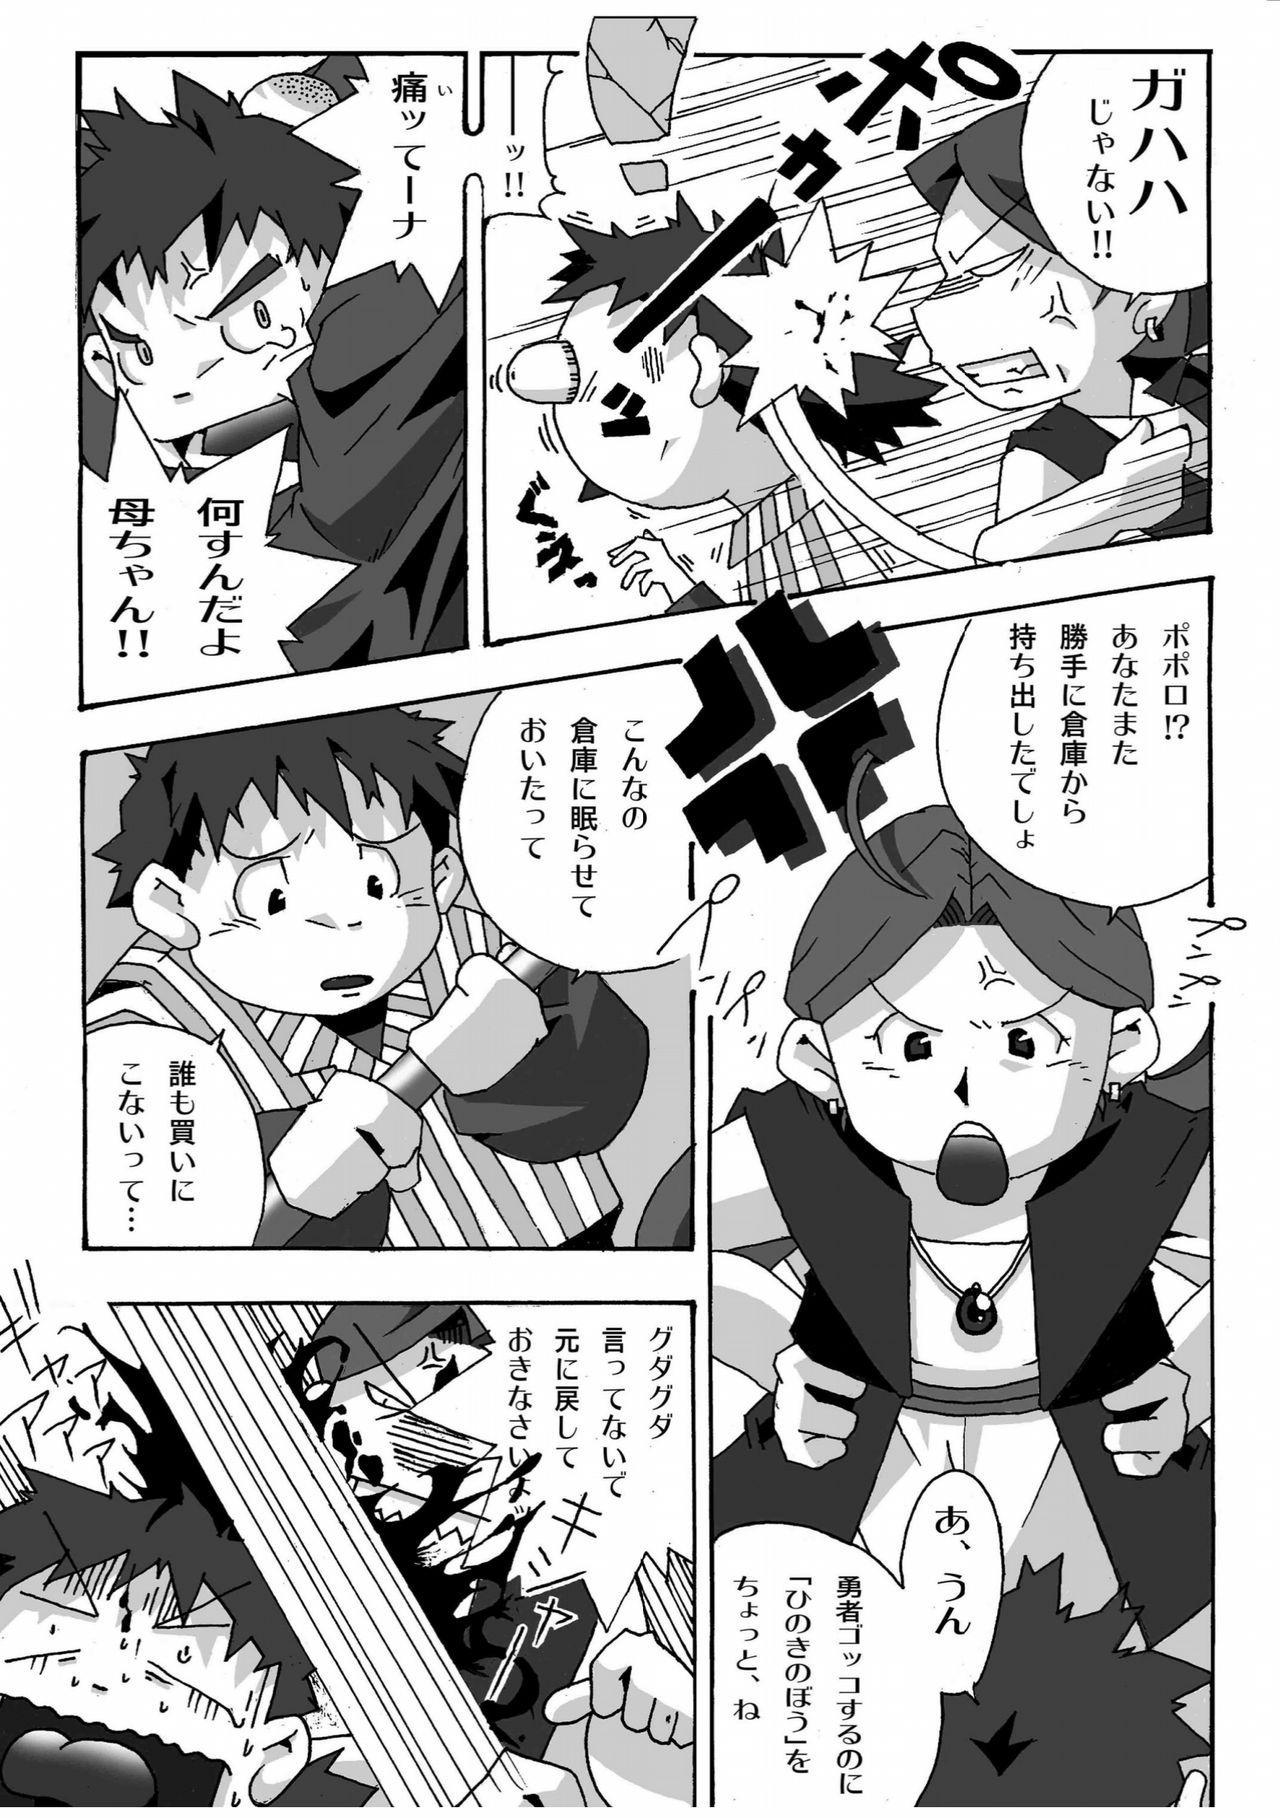 Torneko no Himitsu 4